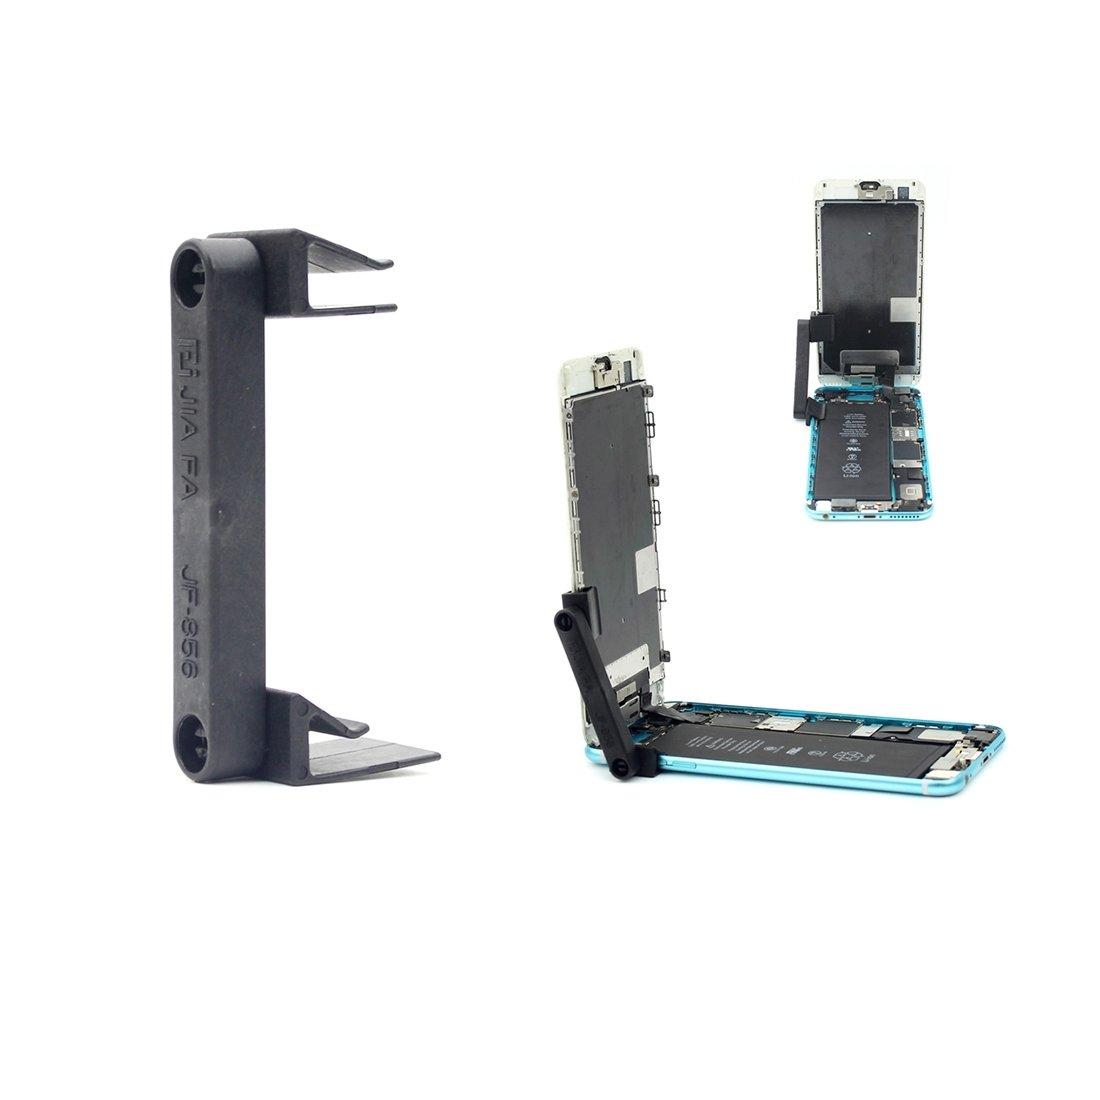 DUANDETAO JF-8157 9 in 1 Battery Repair Tool Set for iPhone SE /& 5s /& 5c /& 5